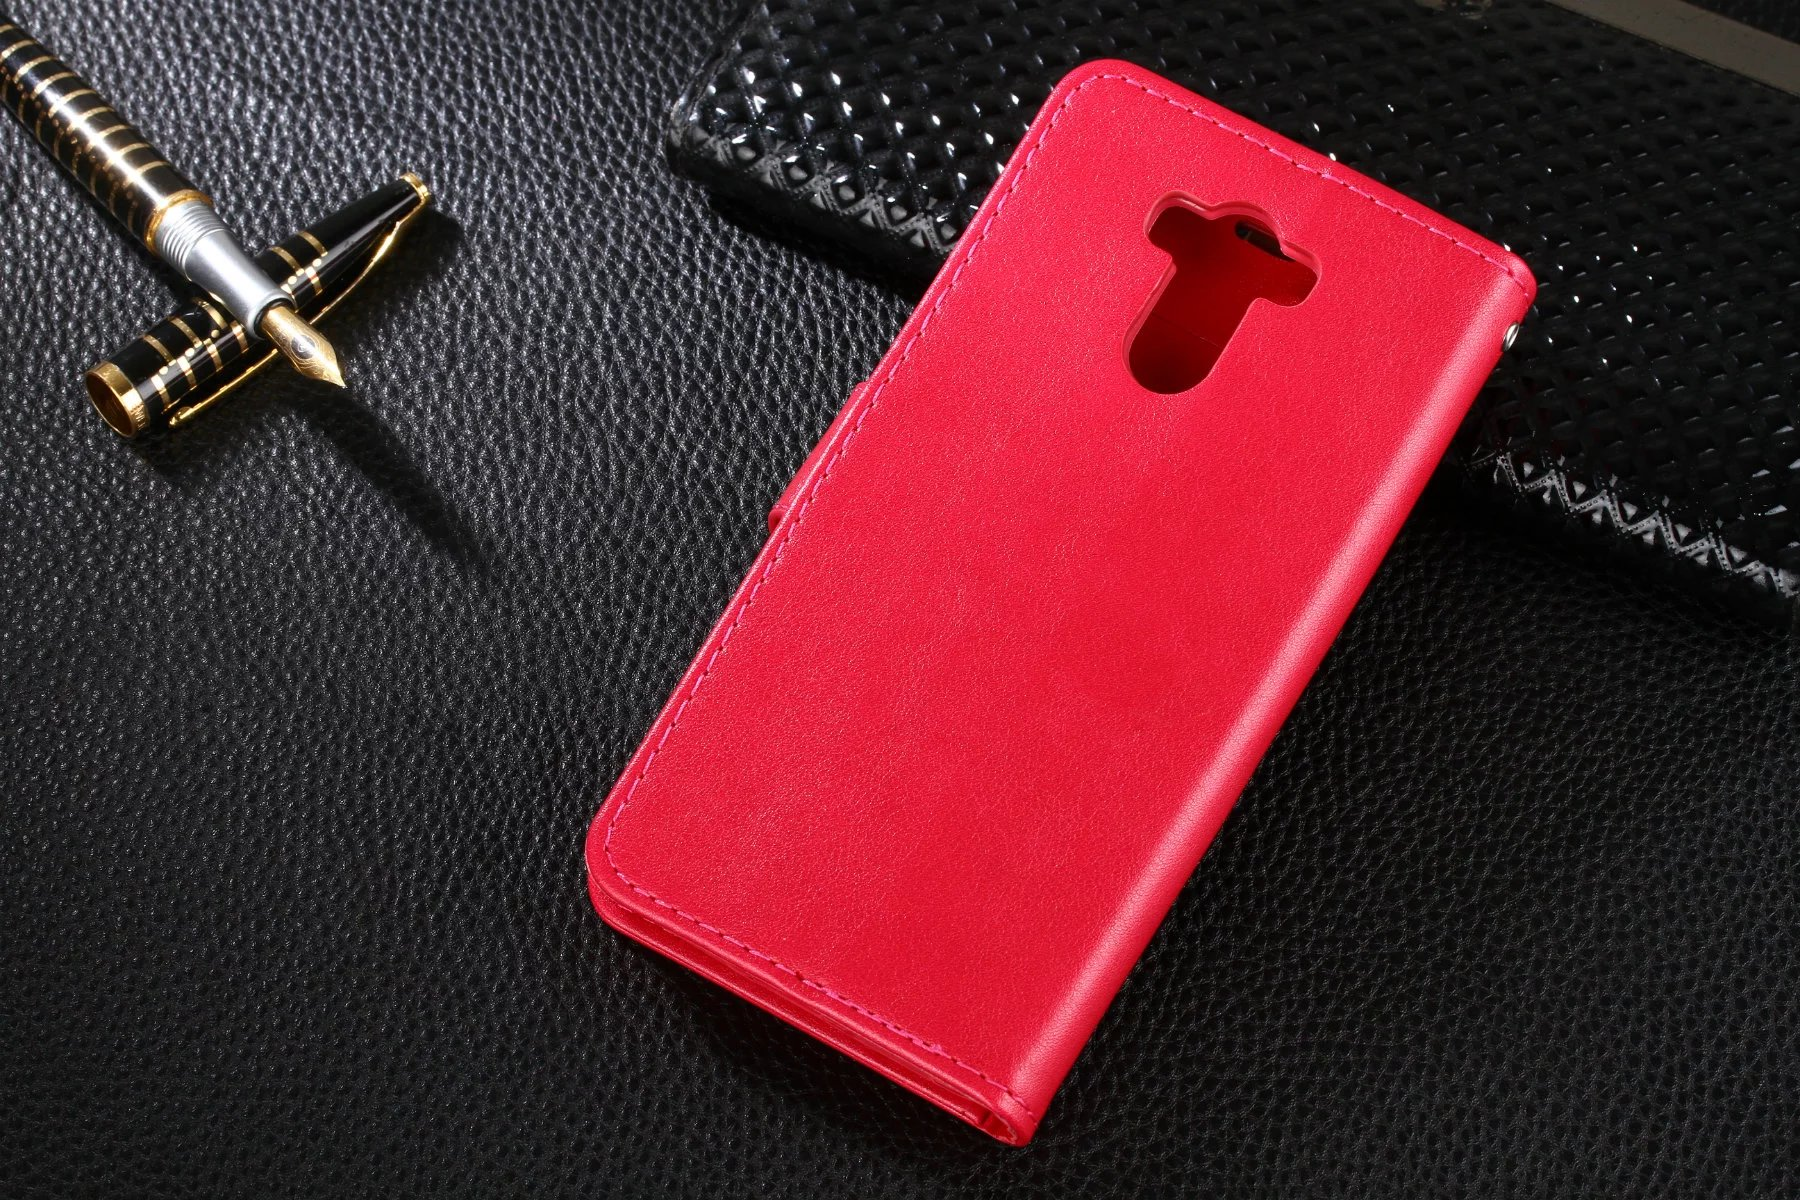 Luksusowy portfel case dla xiaomi redmi 4 pro redmi 4 książka klapki pokrywa pu leather stań torby telefonów pokrowce na xiaomi redmi 4 pro 8